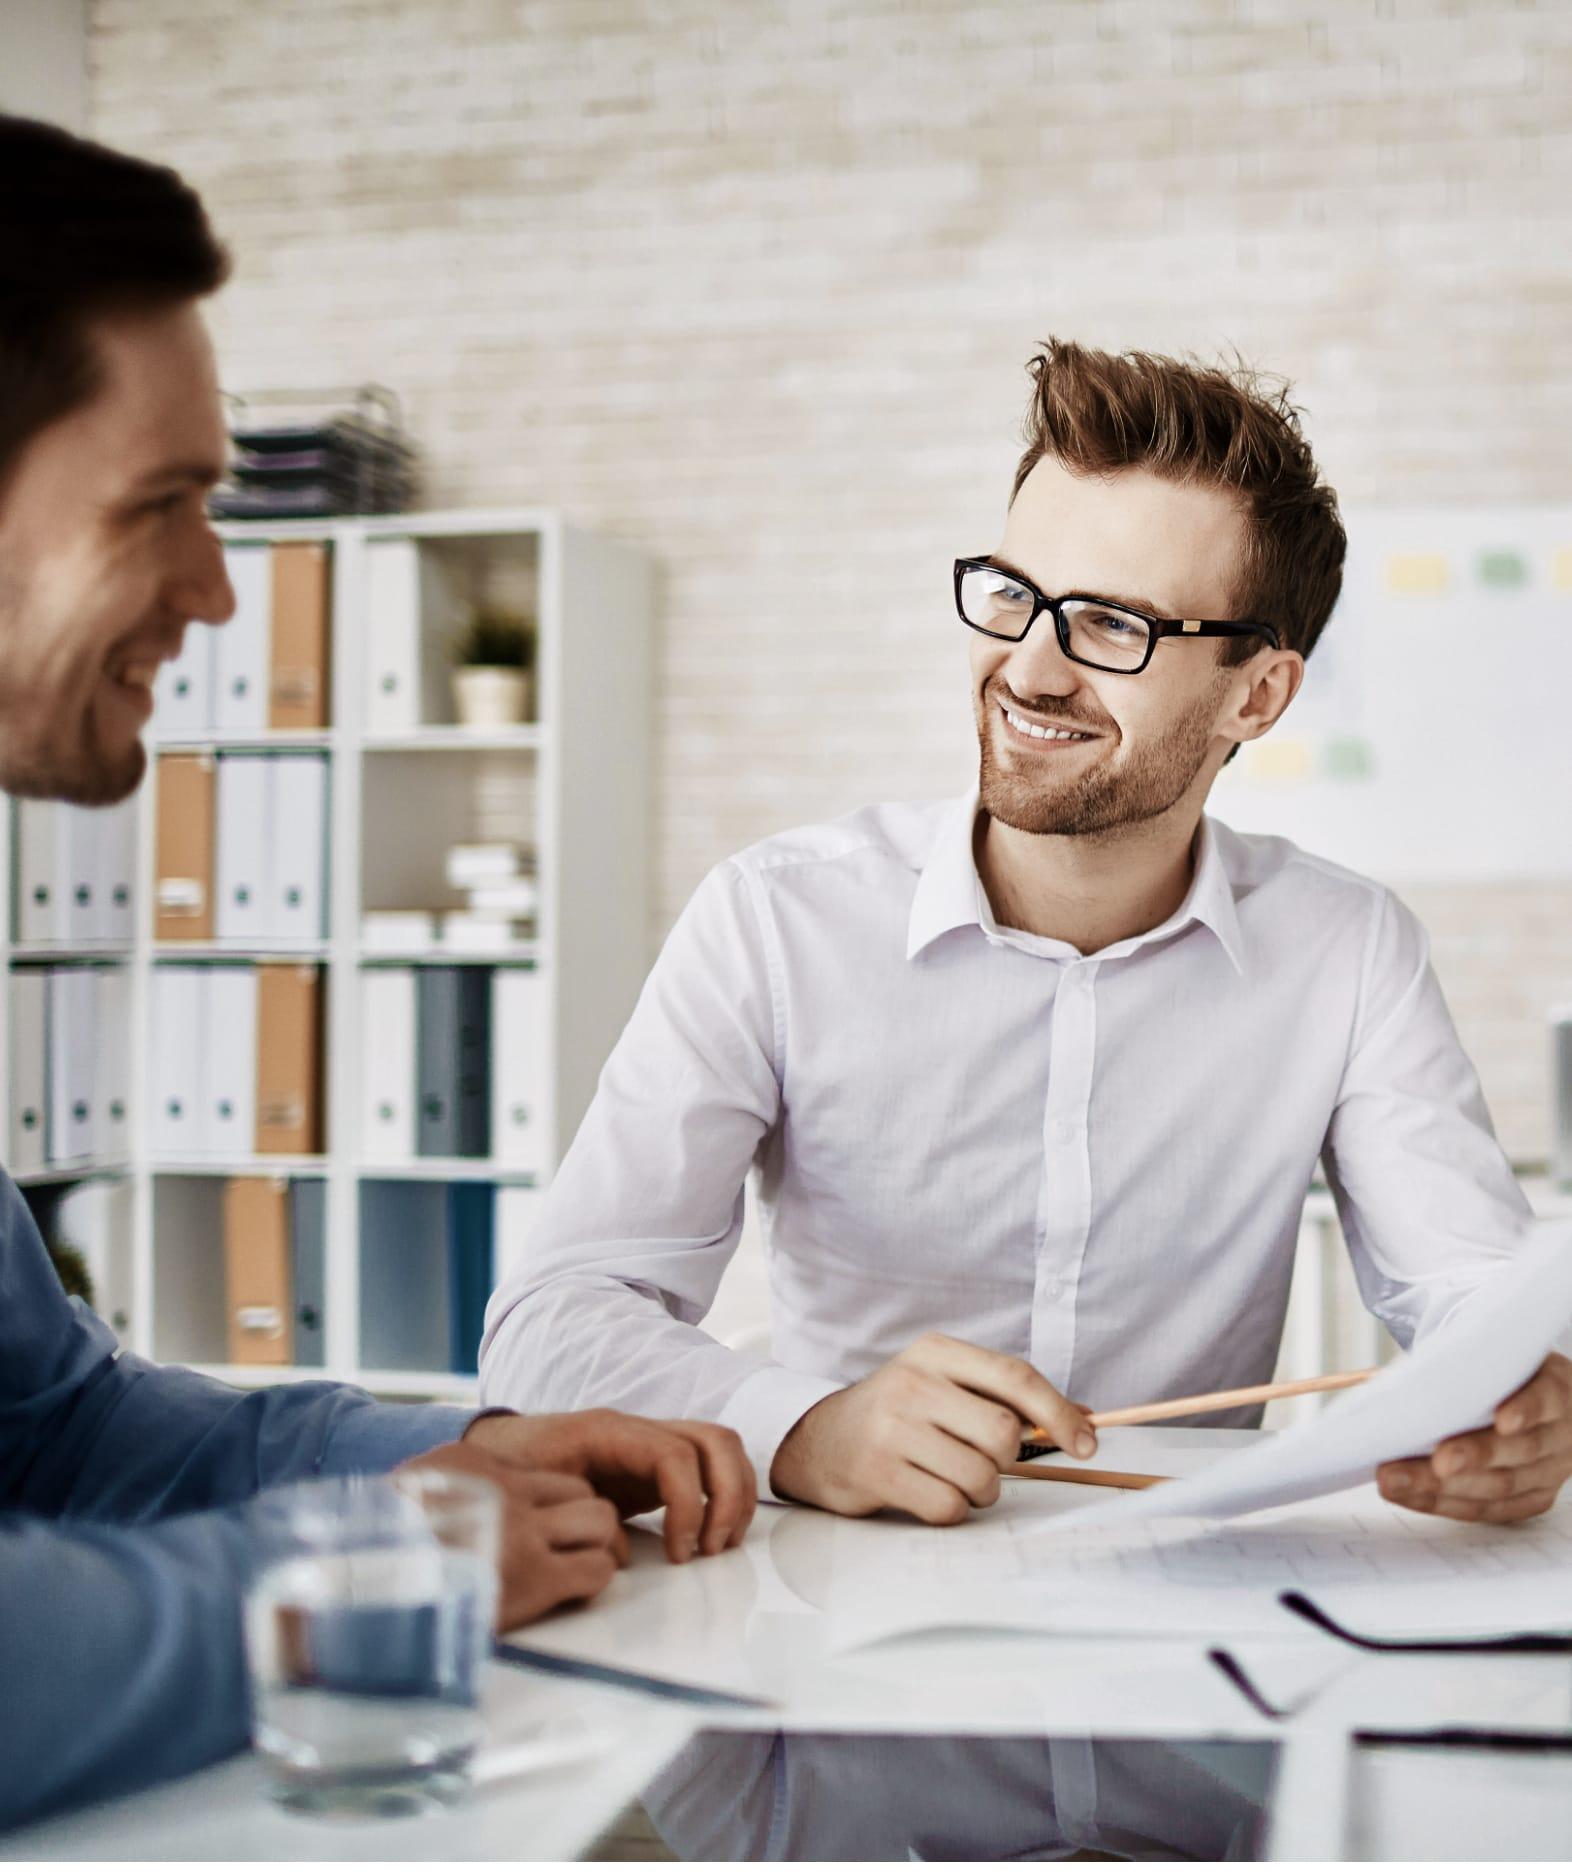 Twee mannen spreken met elkaar en lachen